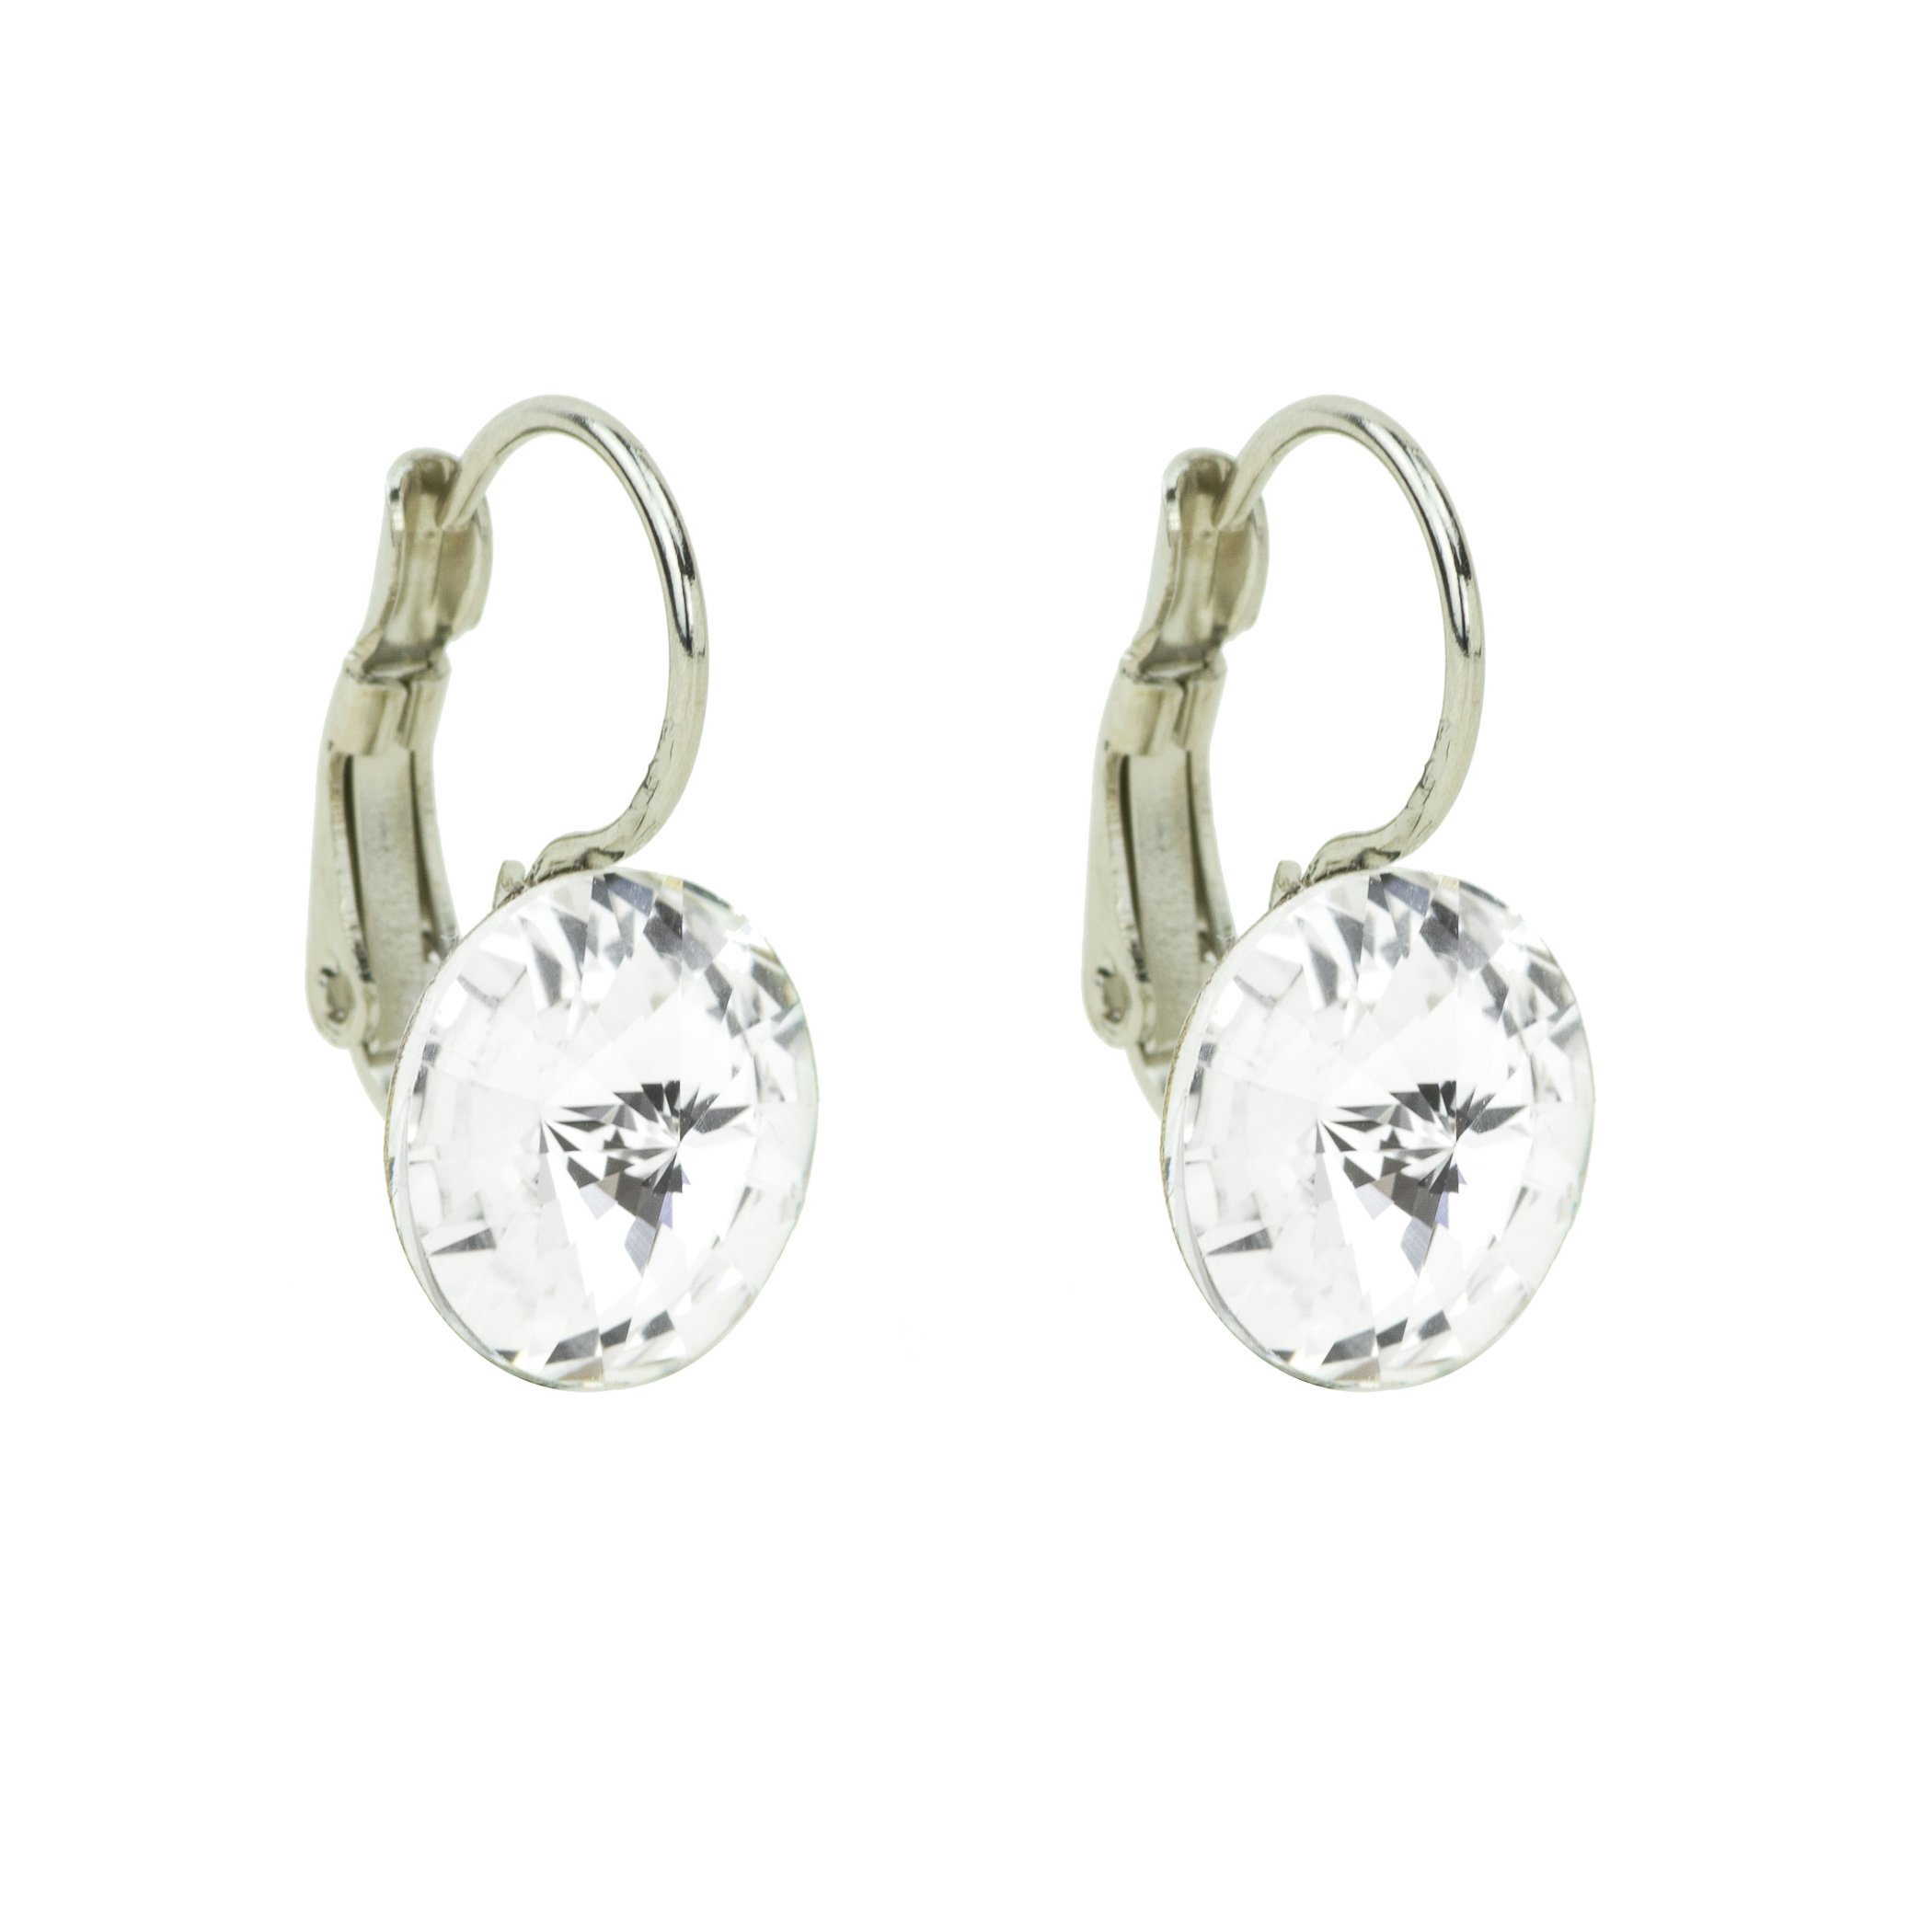 Eve S jewelry orecchini da donna con Swarovski Elements Crystal (10mm) placcato argento rodiato bia